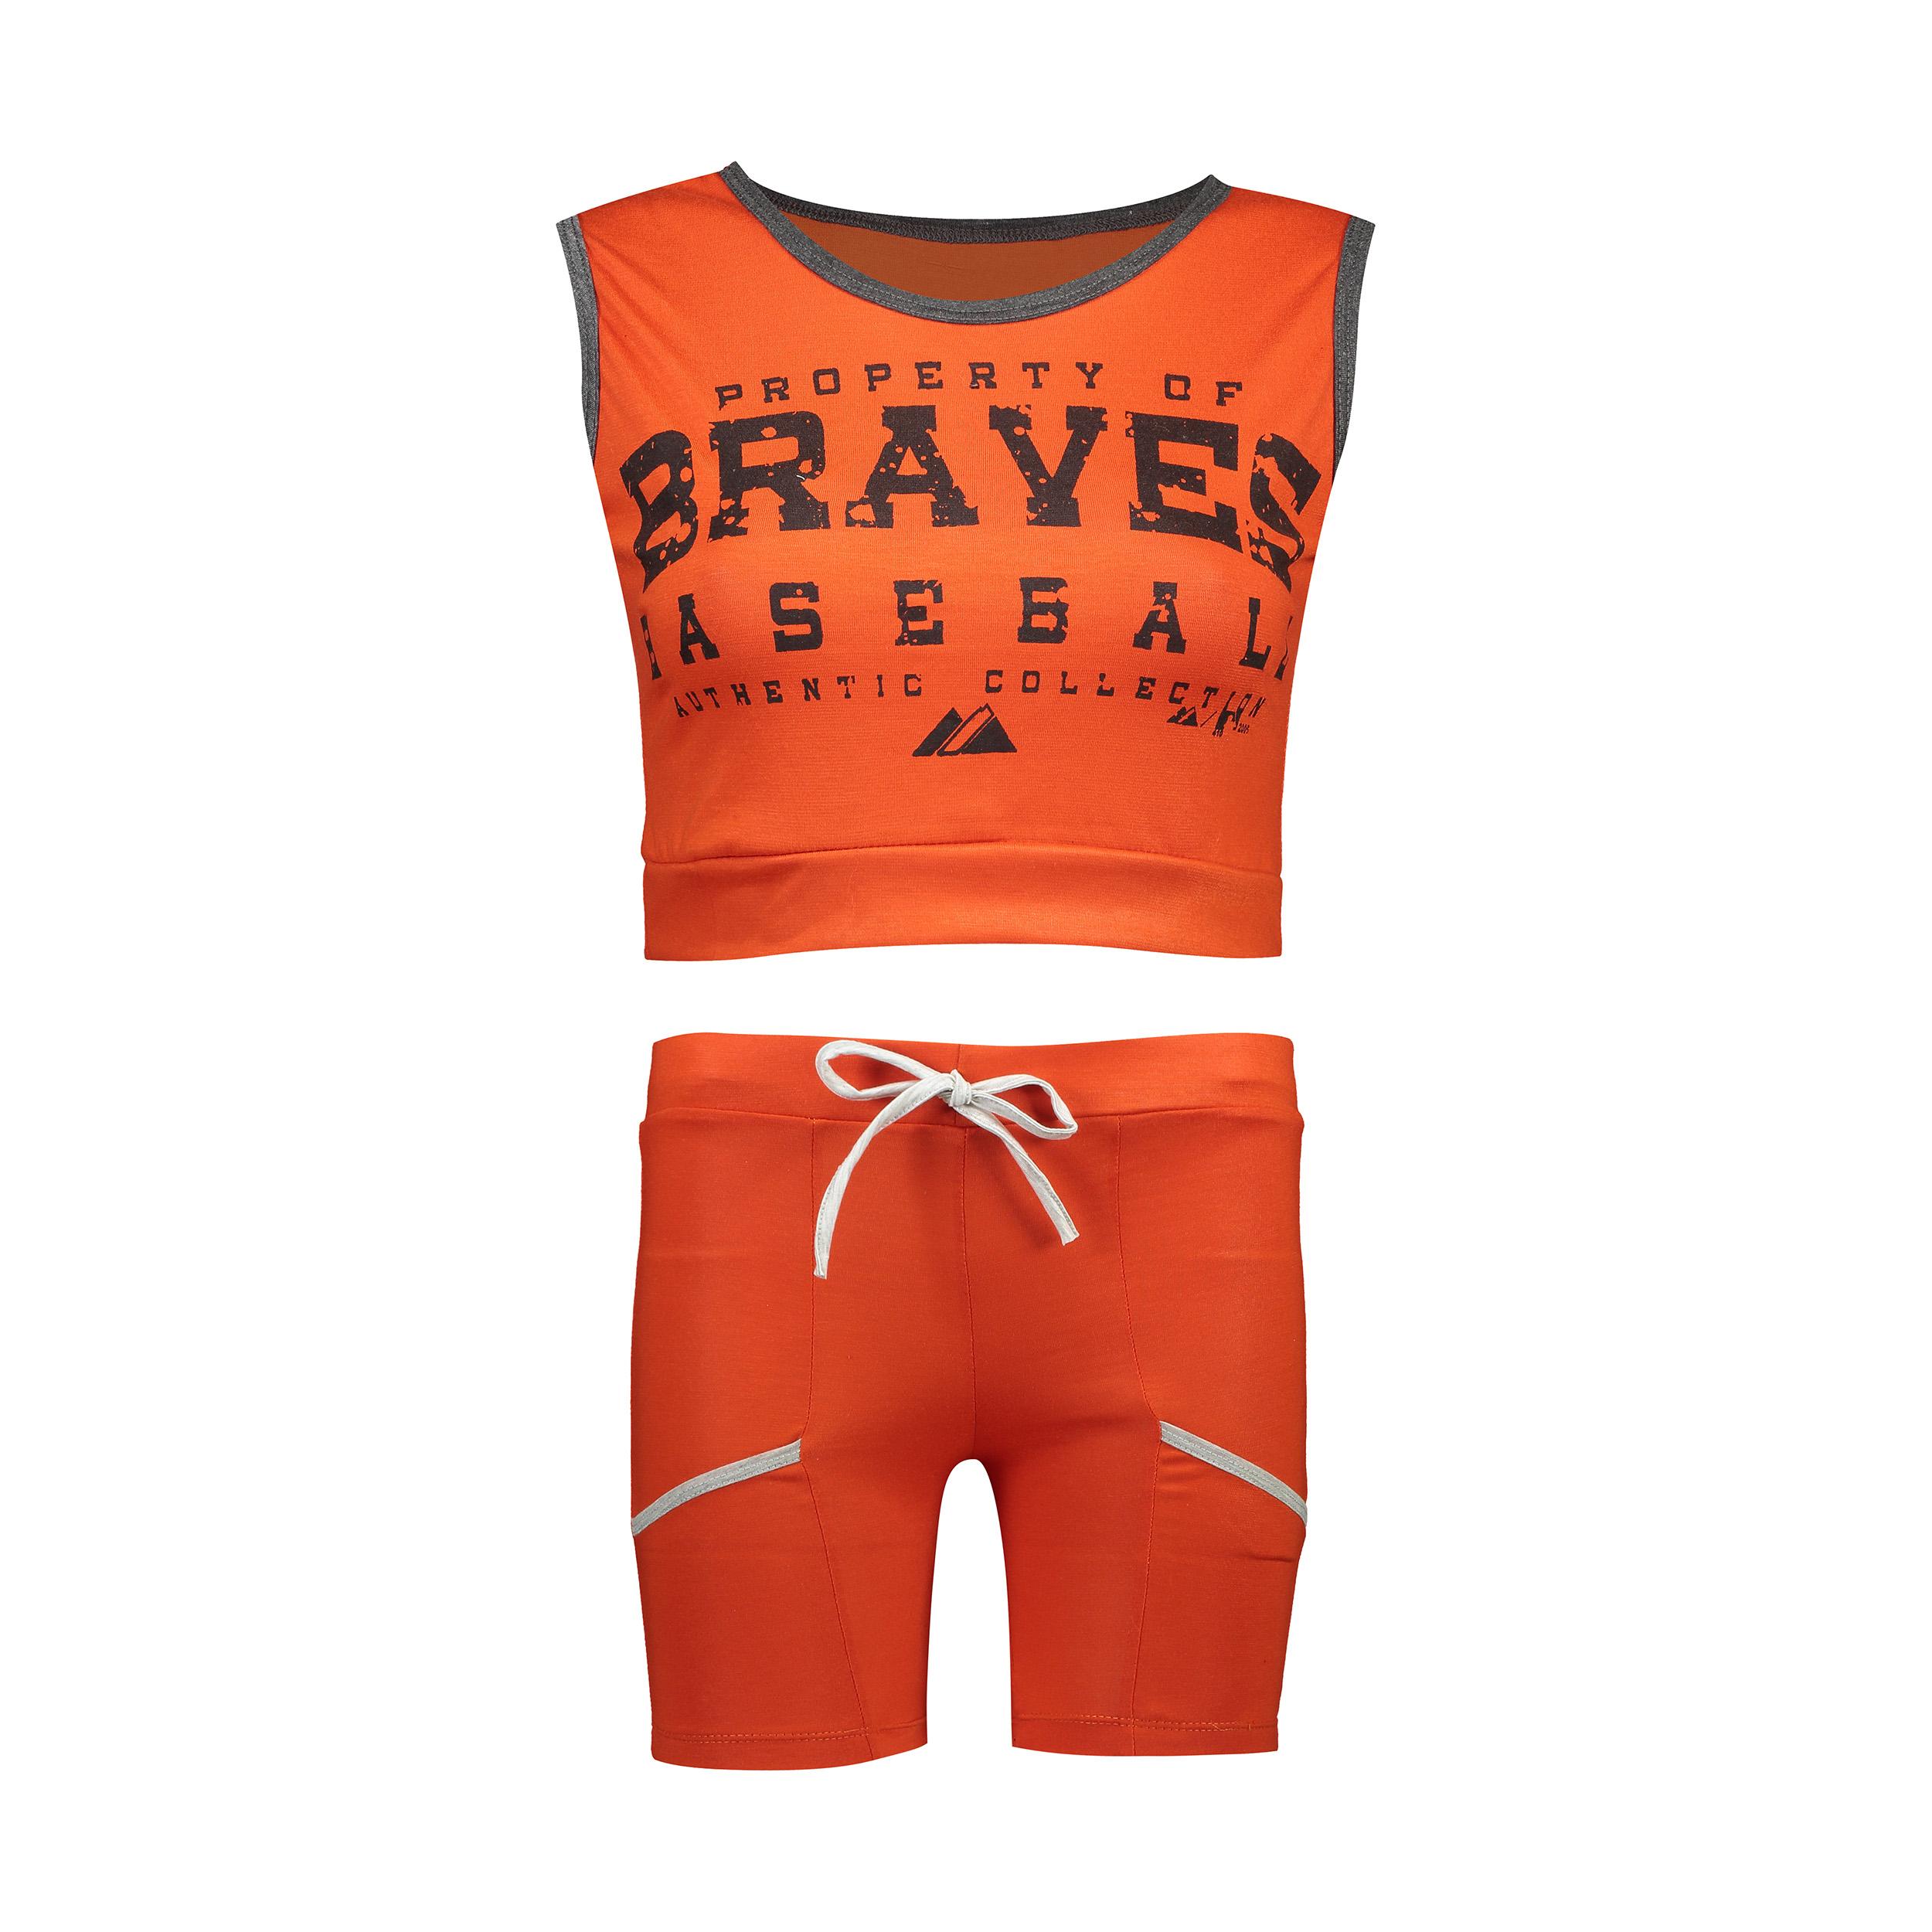 ست نیم تنه و شلوارک ورزشی زنانه مدل Braves-D-OR2